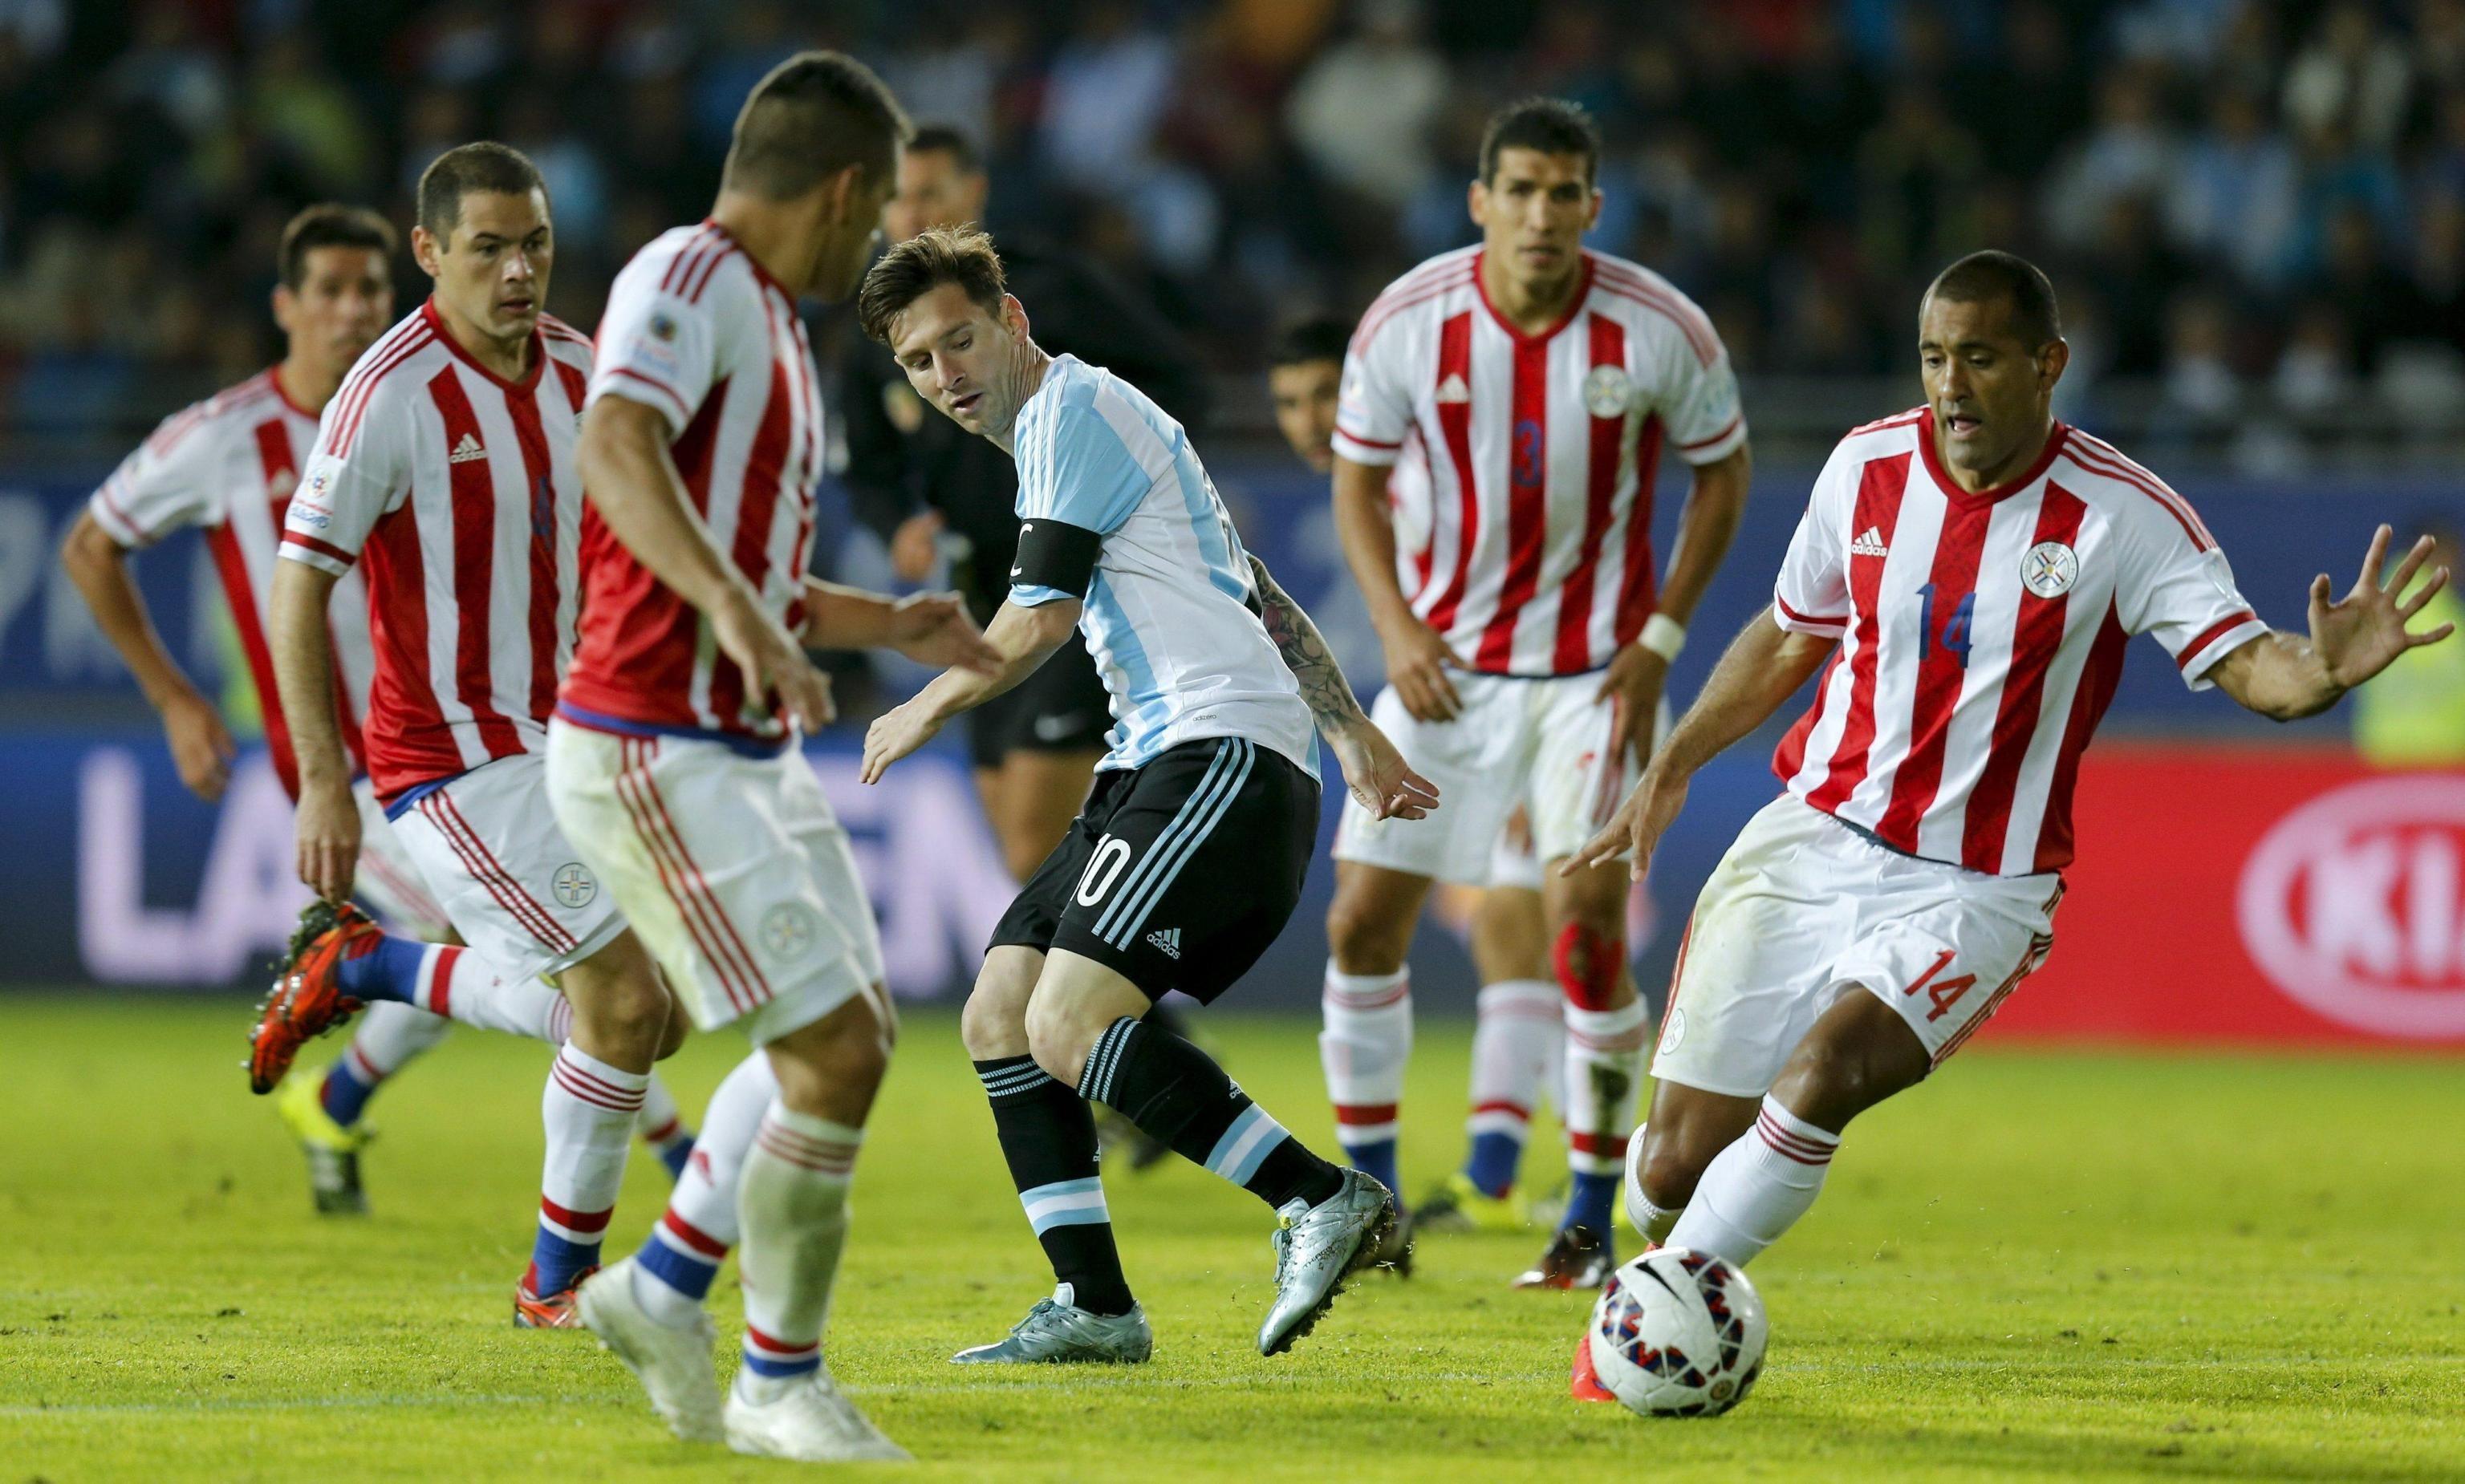 Eliminatorias Sudamericanas: Argentina recibirá a Paraguay en el Kempes de Córdoba